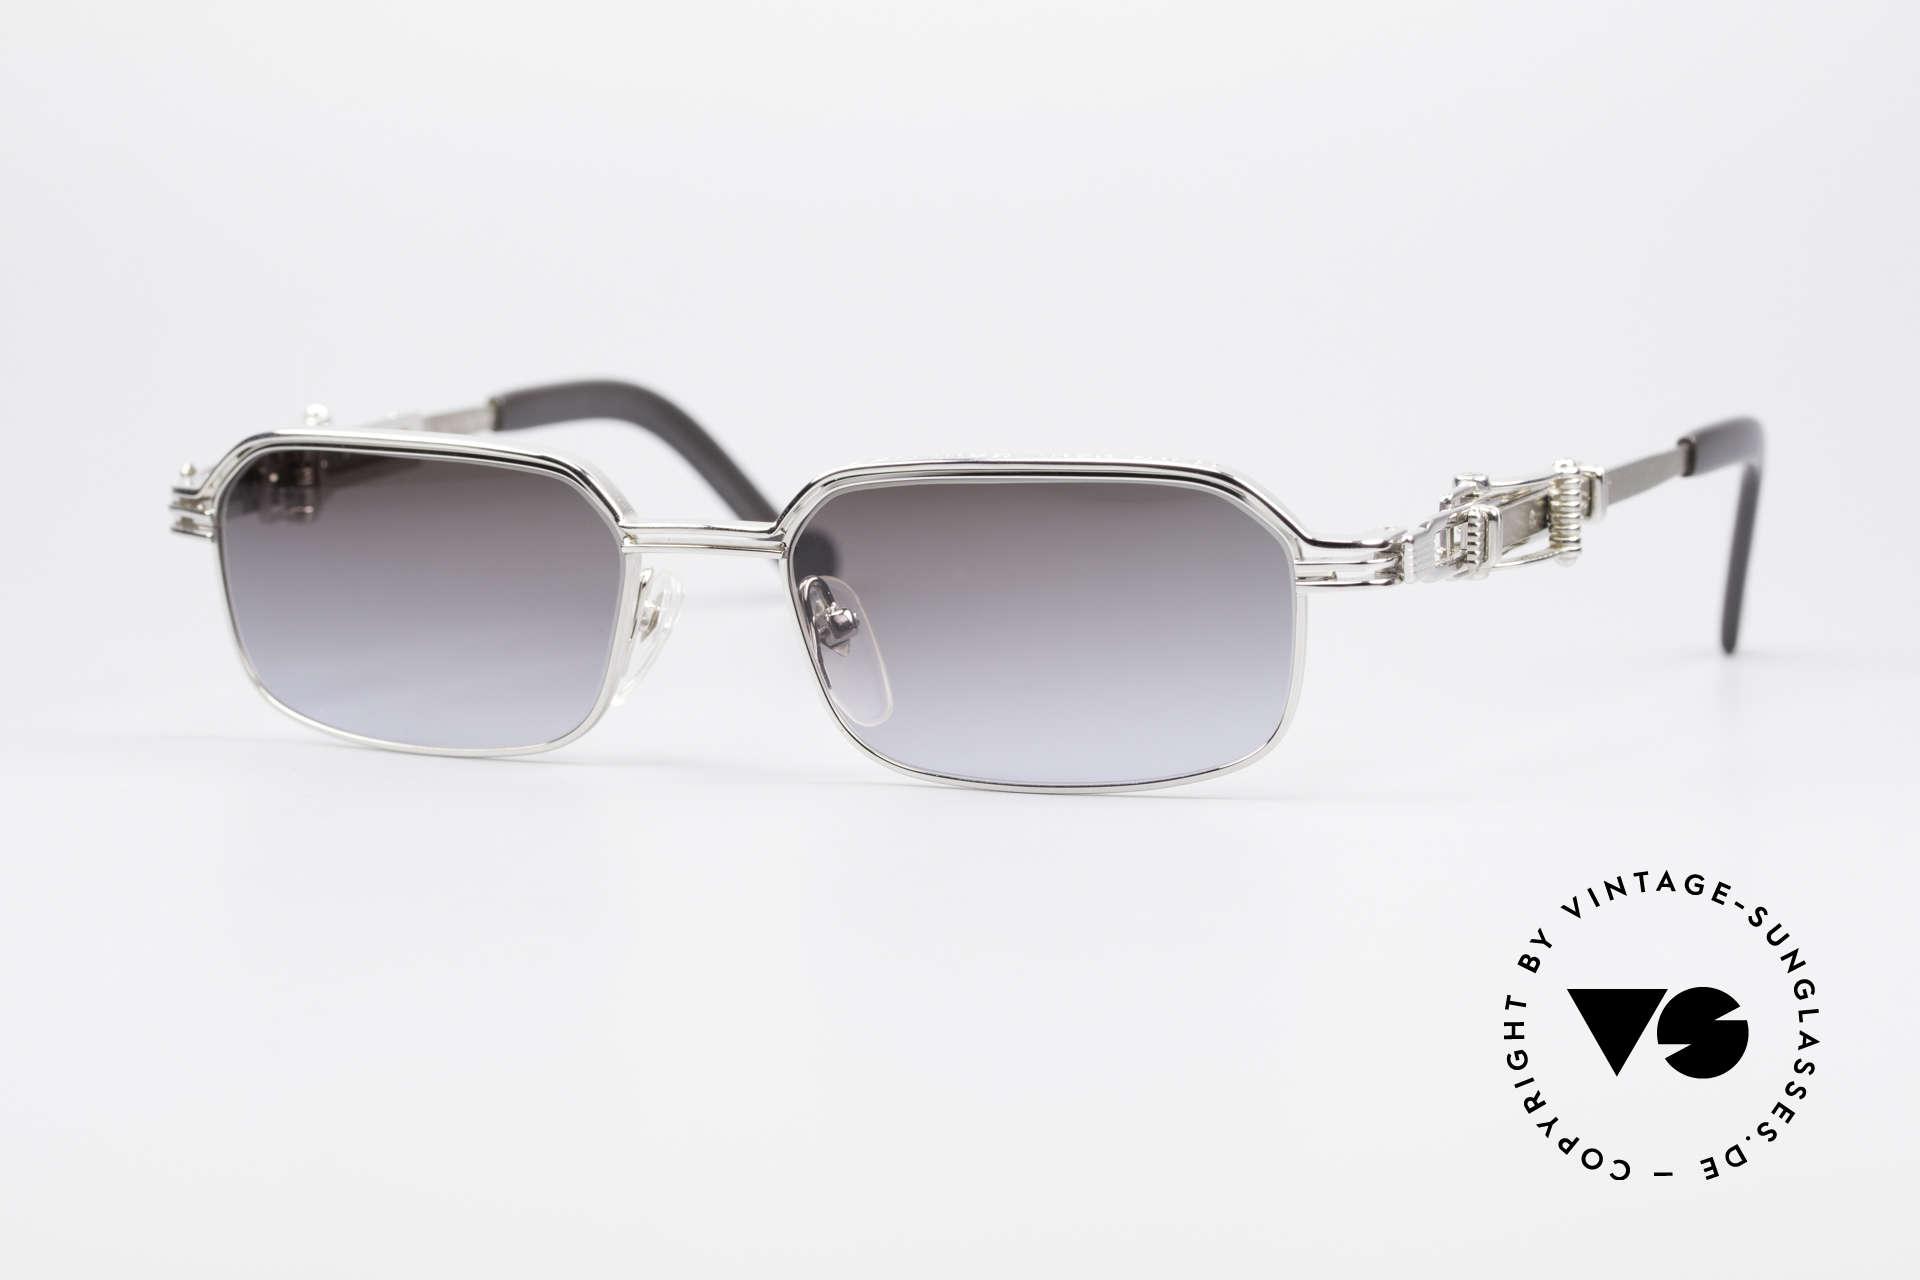 Jean Paul Gaultier 56-0002 Brille mit Gürtelschnalle, vintage Jean Paul GAULTIER Sonnenbrille von 1996/97, Passend für Herren